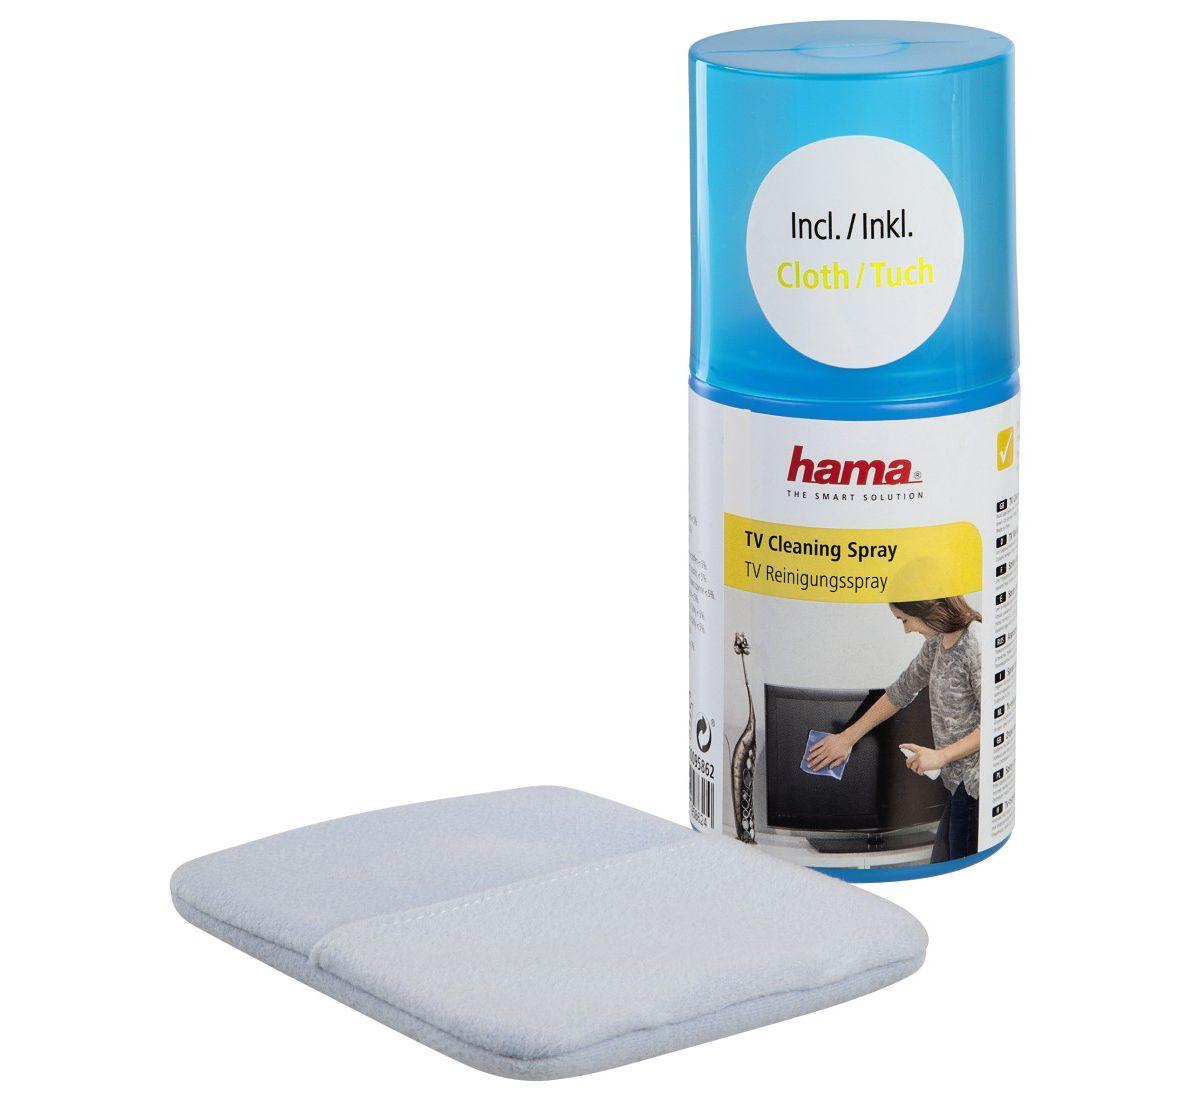 Hama TV-Reinigungsspray, 200 ml, mit Handschuh